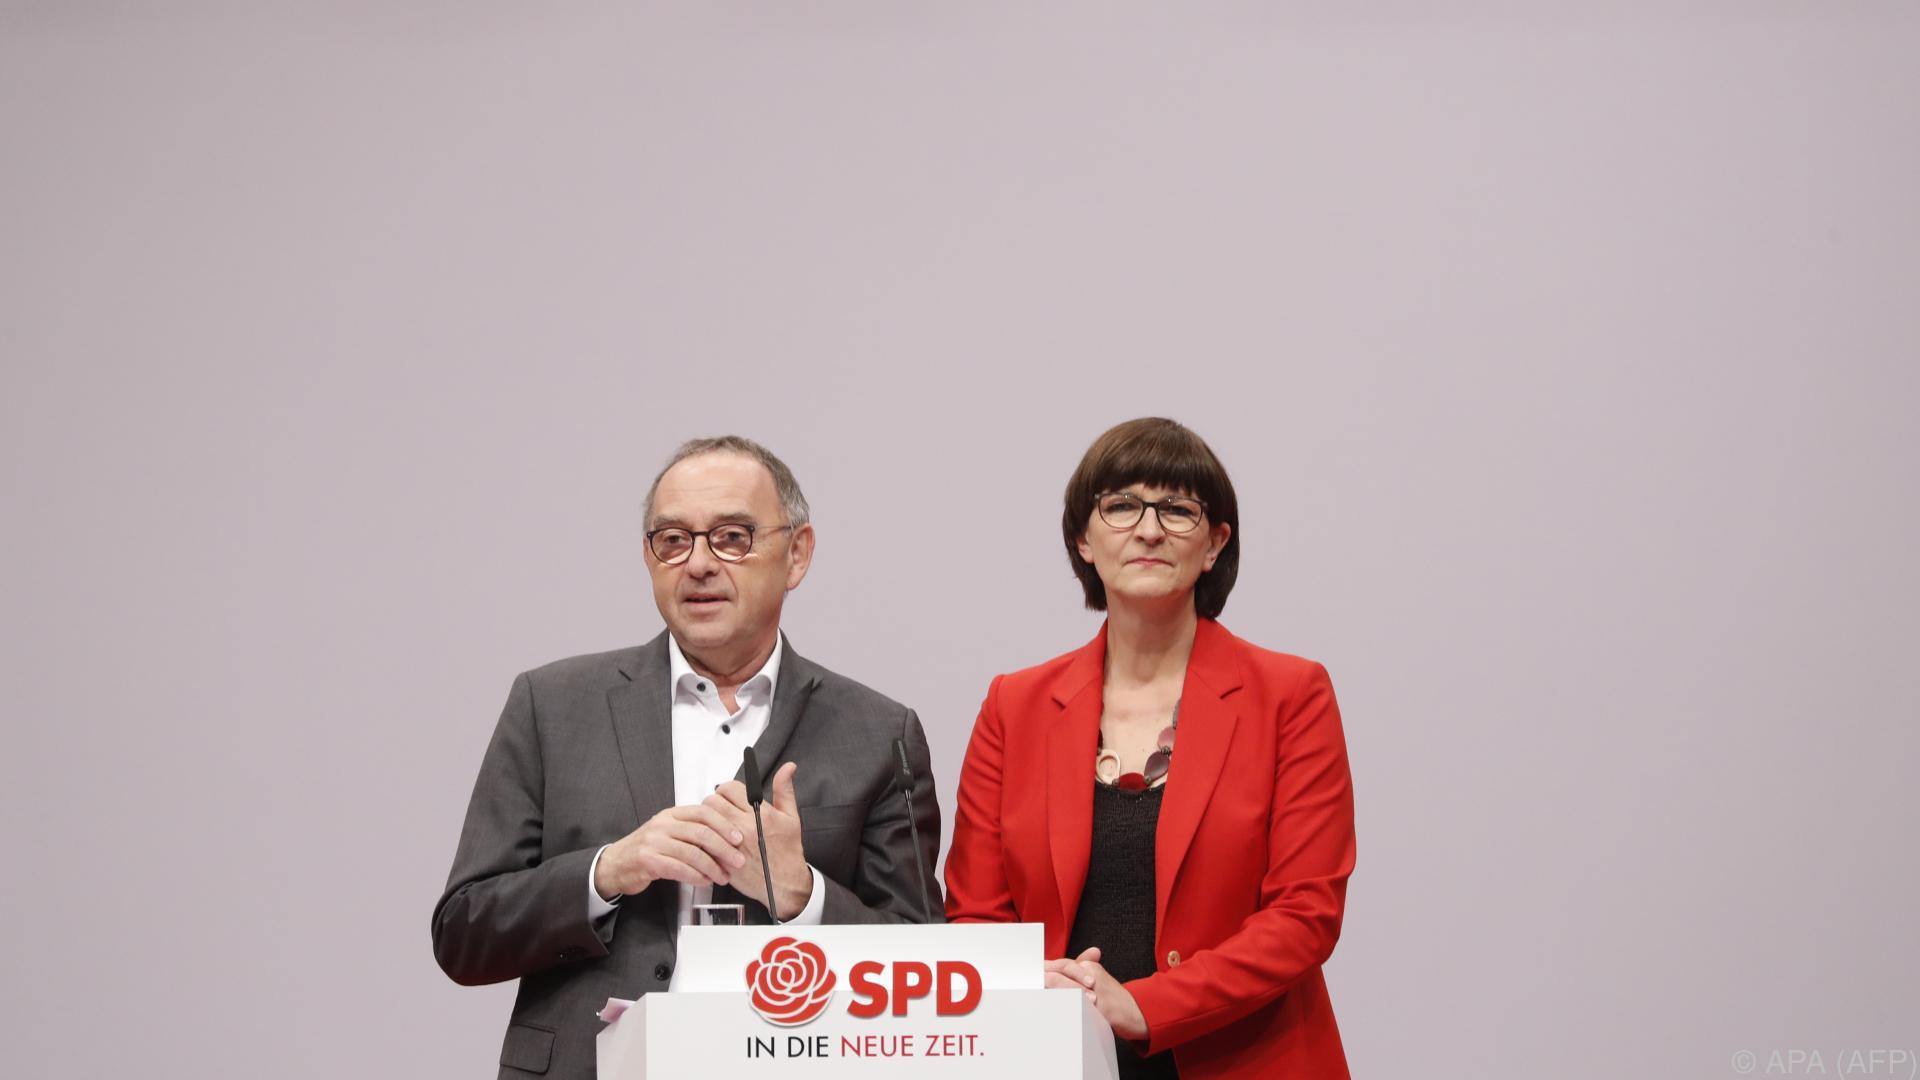 SPD beendet Parteitag mit Debatten über Außenpolitik